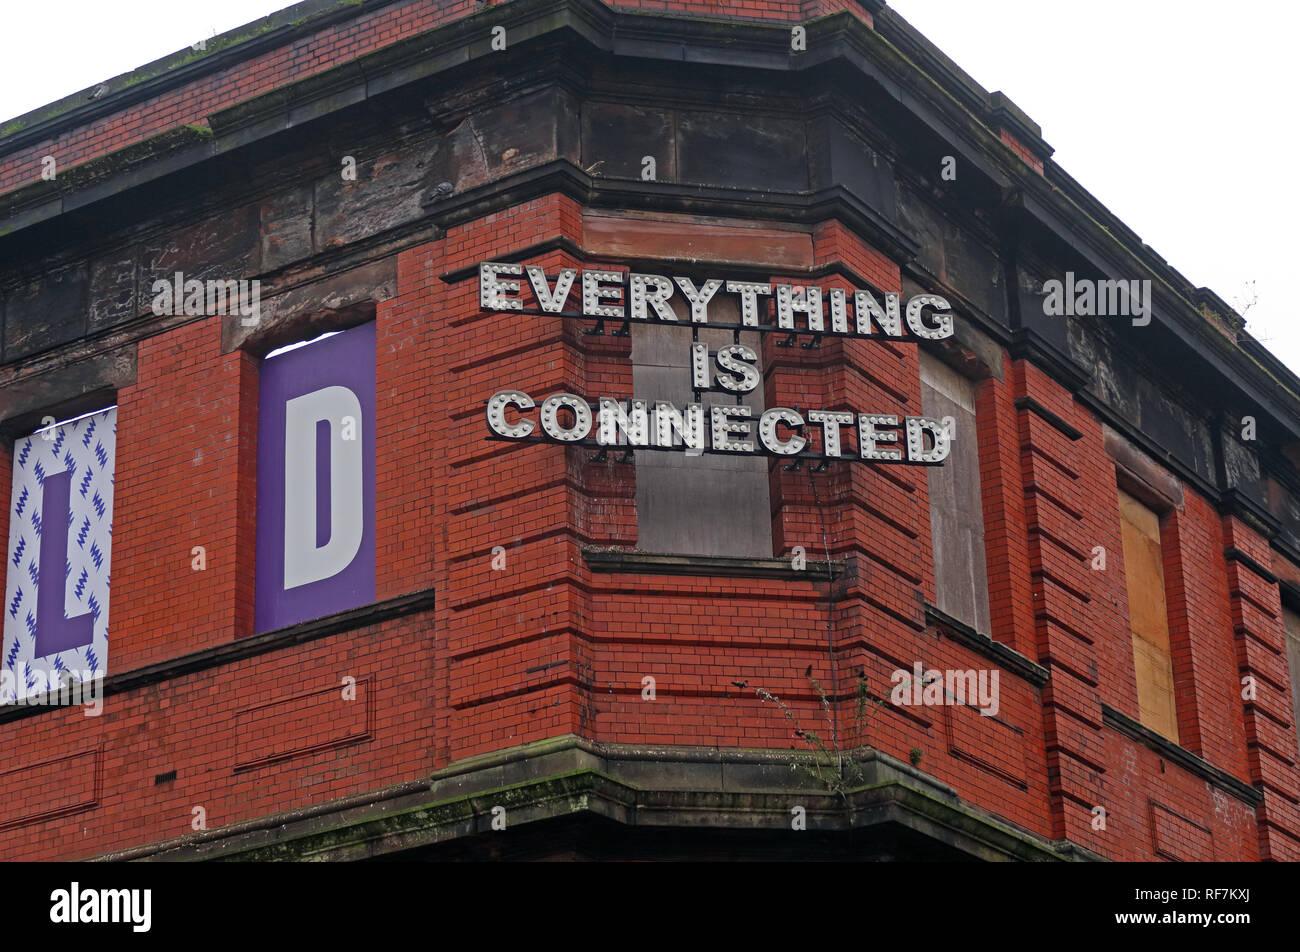 Laden Sie dieses Alamy Stockfoto Stillgelegte Manchester Mayfield Bahnhofsgebäude, Fairfield, Street, Piccadilly, Manchester, North West England, Großbritannien, M1 2QF - RF7KXJ